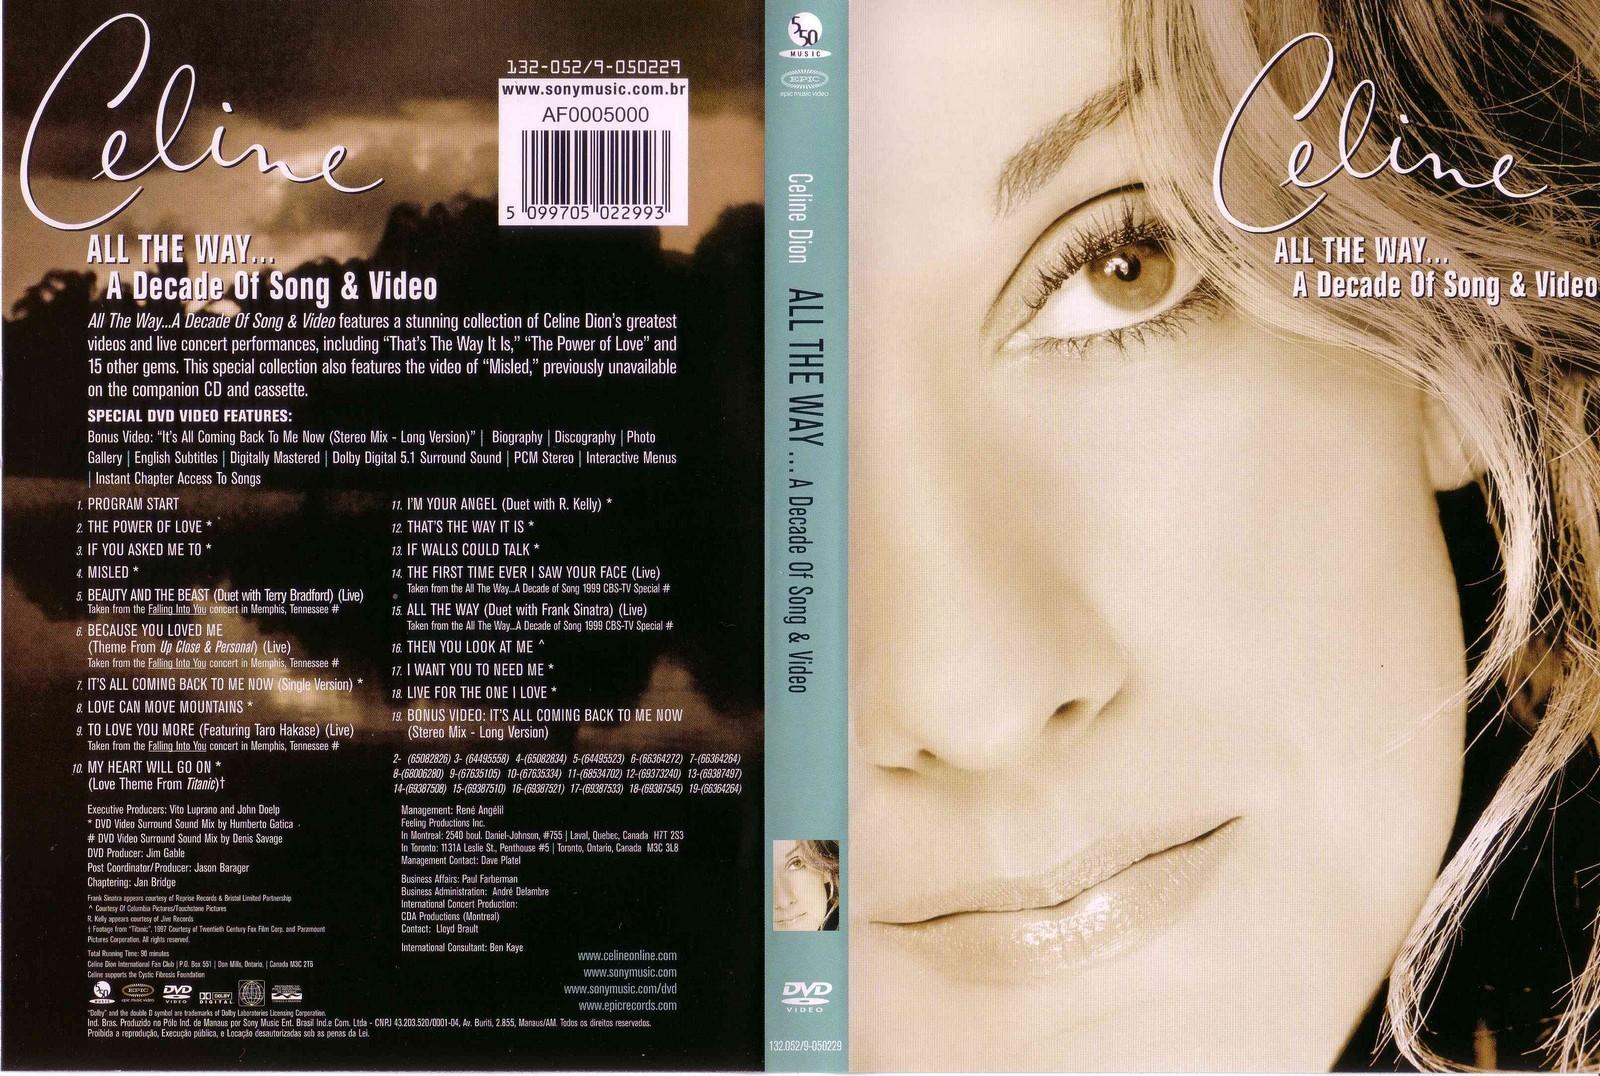 http://4.bp.blogspot.com/_Jo4JM9OfQdc/S-njMMvw5VI/AAAAAAAAAoE/62gJ82tRW9s/s1600/Celine+Dion.jpg